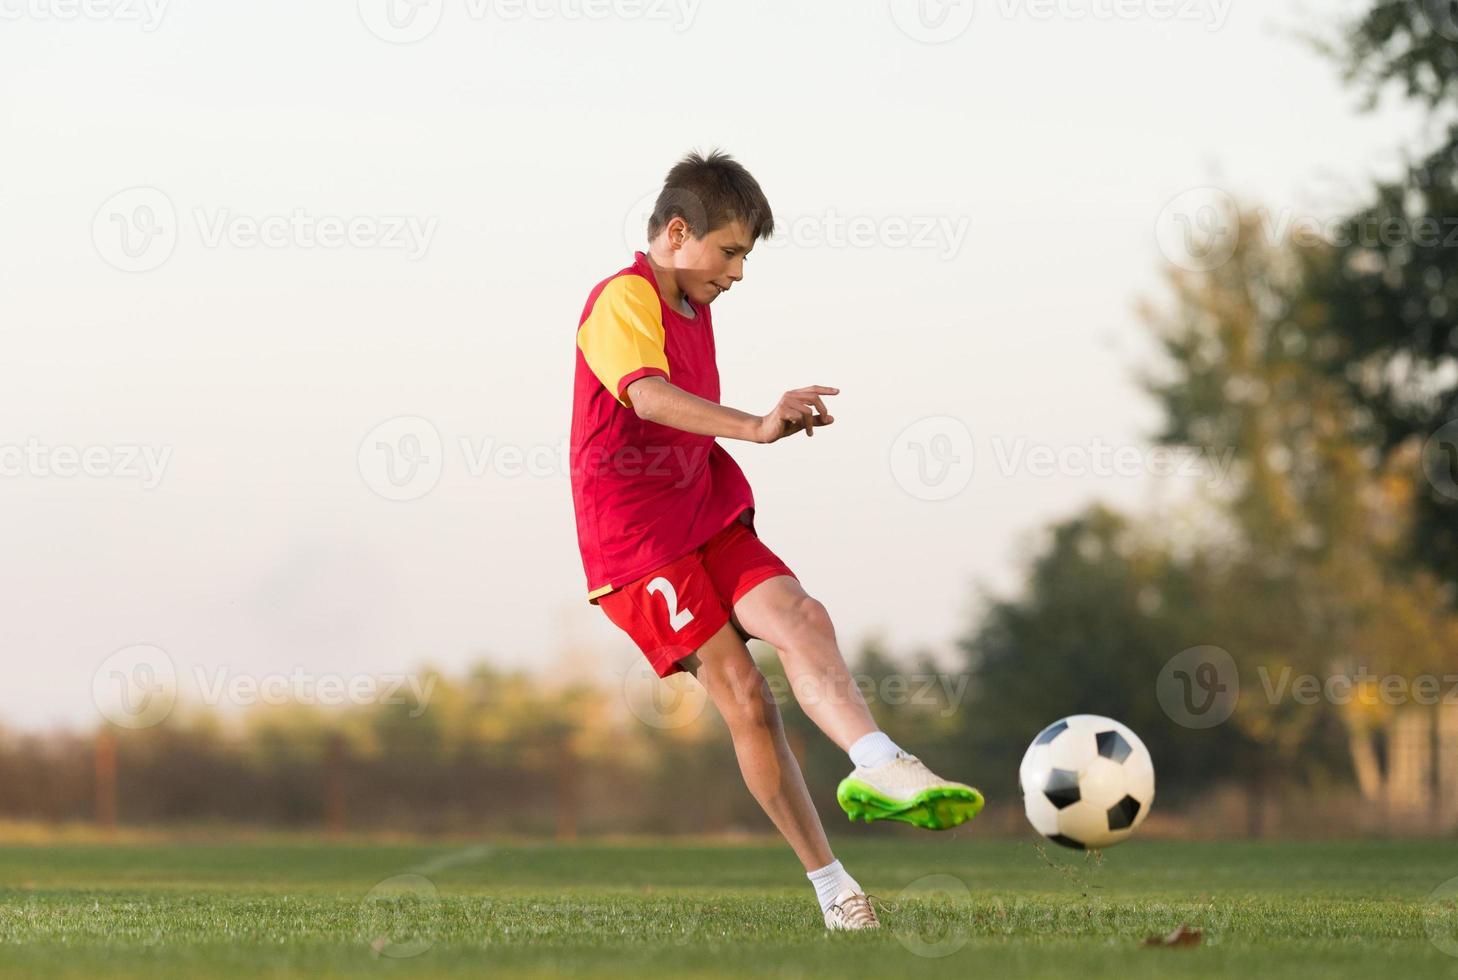 niño pateando una pelota de fútbol foto